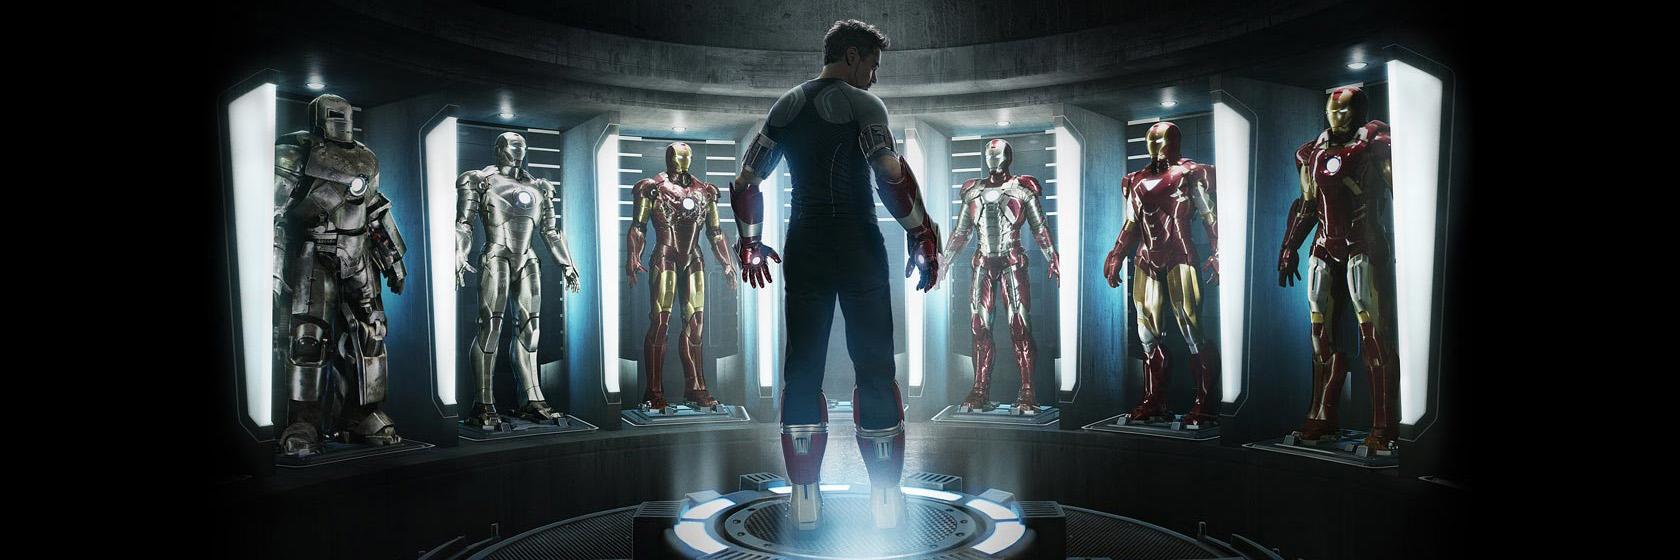 Iron-Man-3-Wallpaper-iron-man-3-33506138-1680-1050.jpg